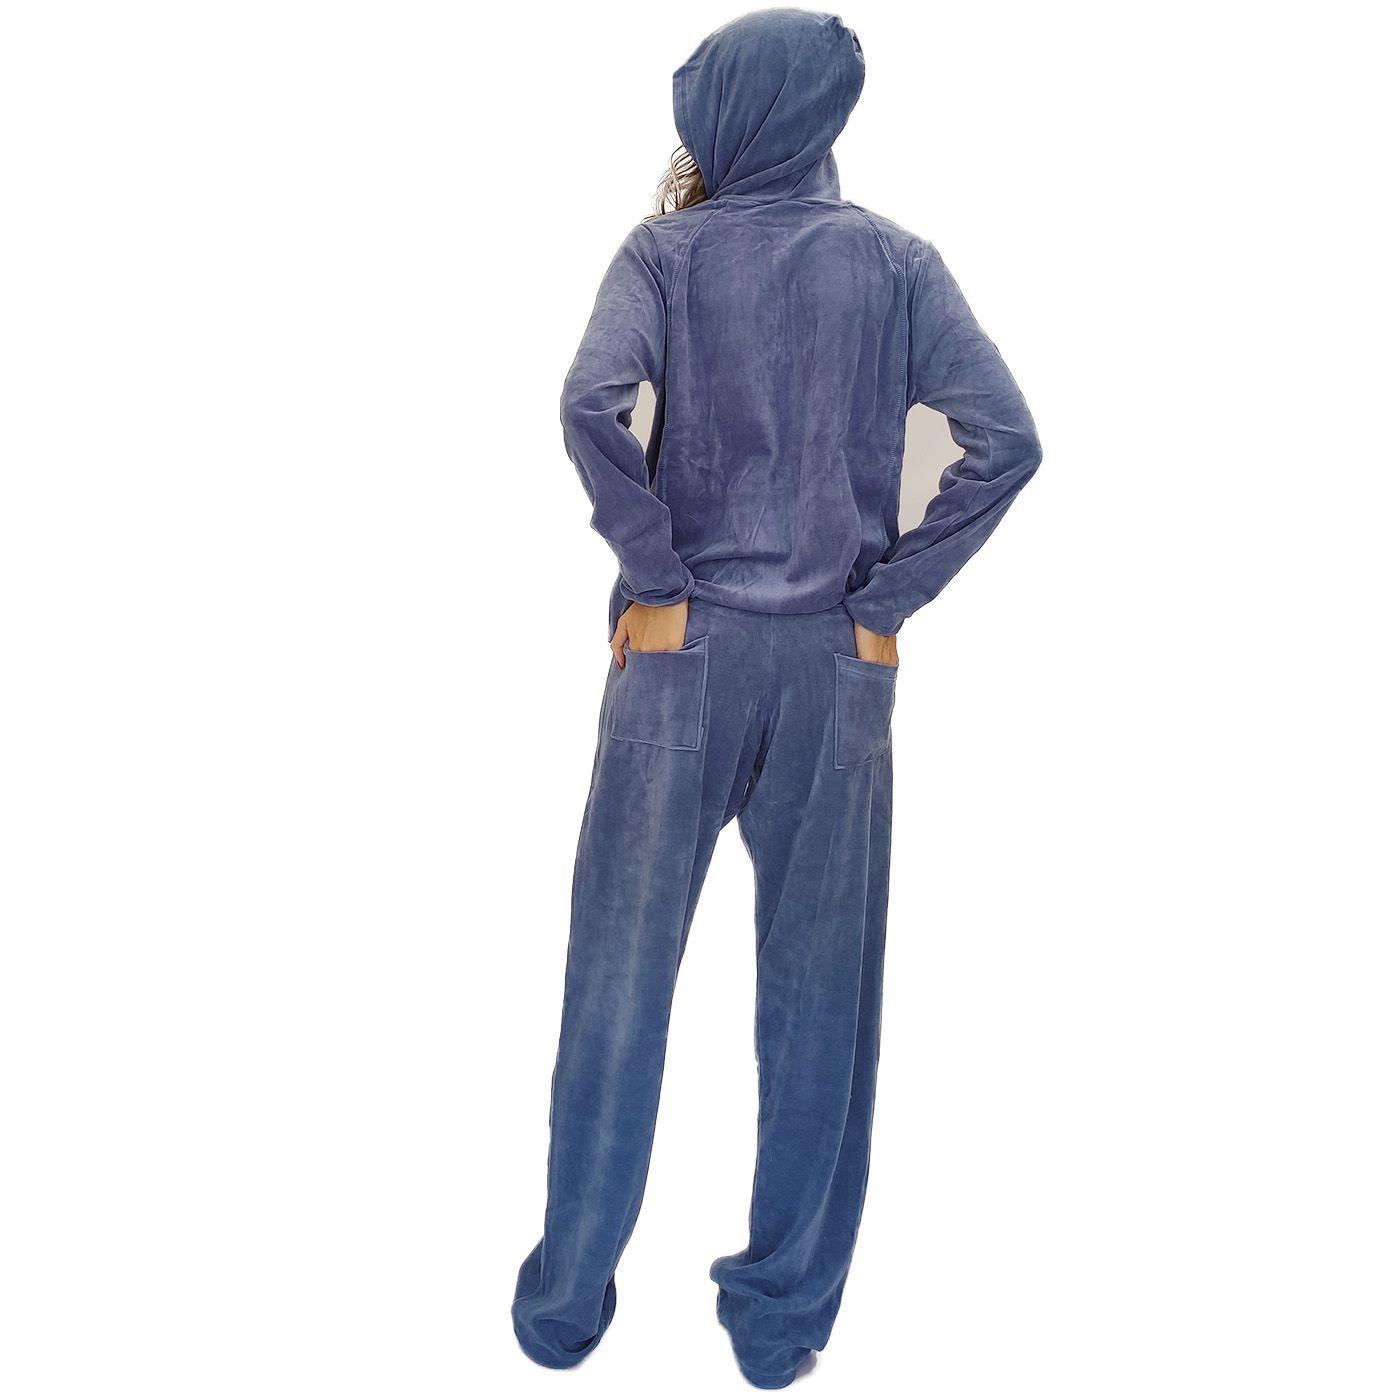 Pijama abrigo plush com capuz blusa bolso colorido